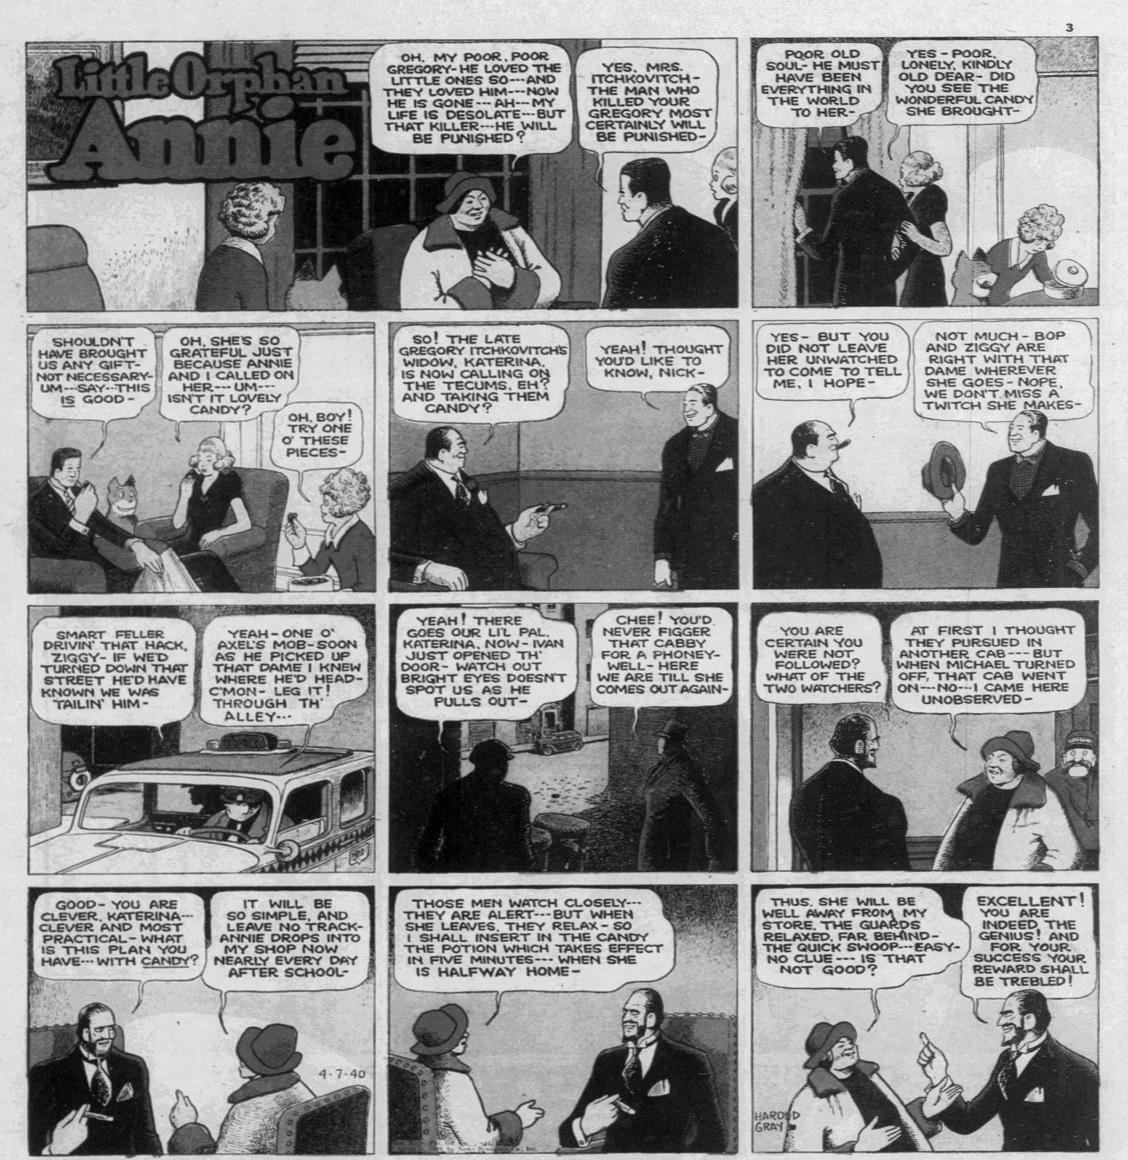 Daily_News_Sun__Apr_7__1940_(4).jpg